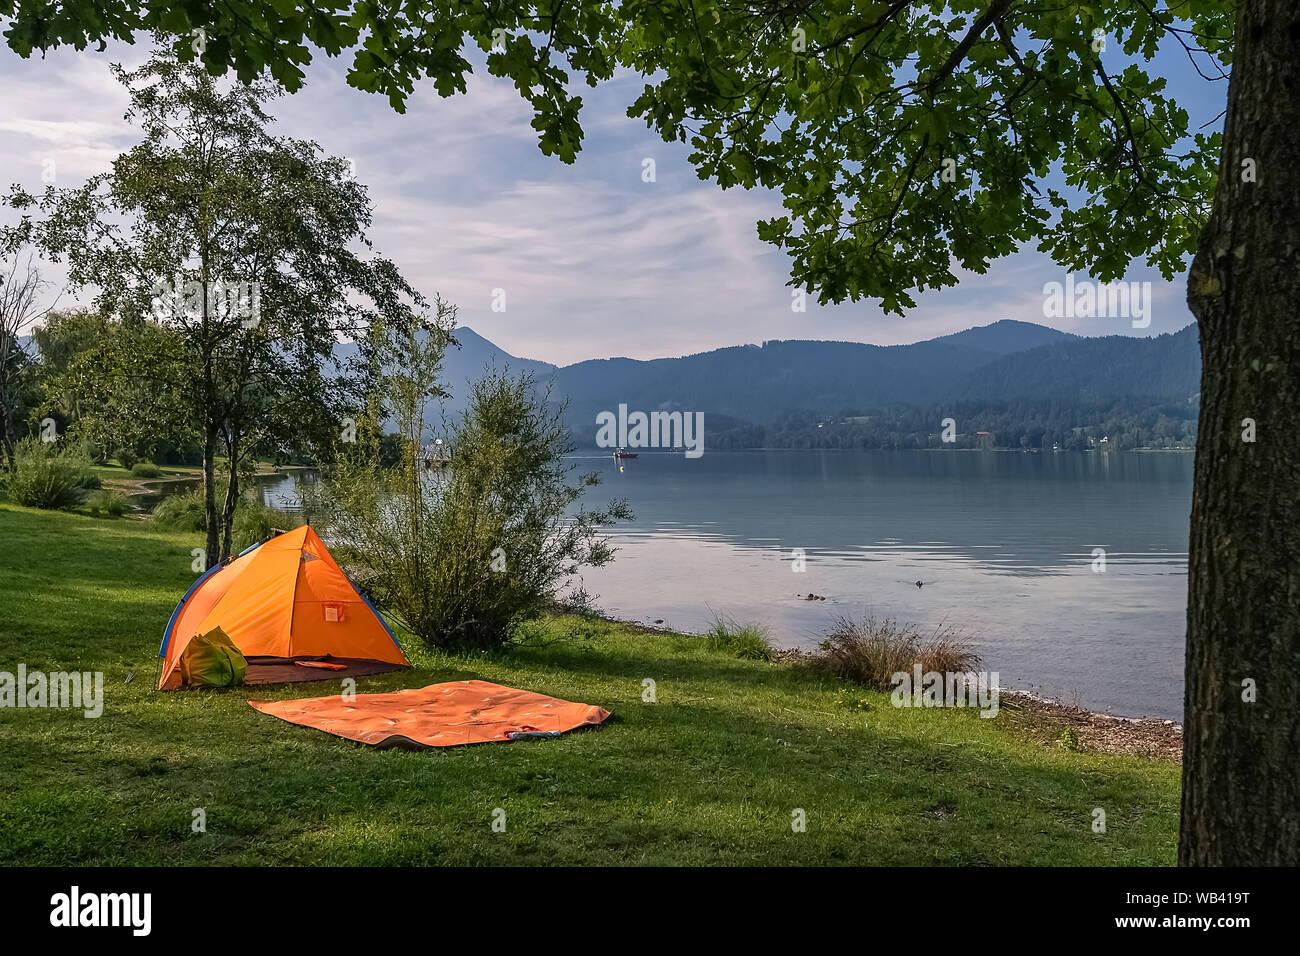 Tente par le lac idyllique avec personne à l'intérieur. Banque D'Images